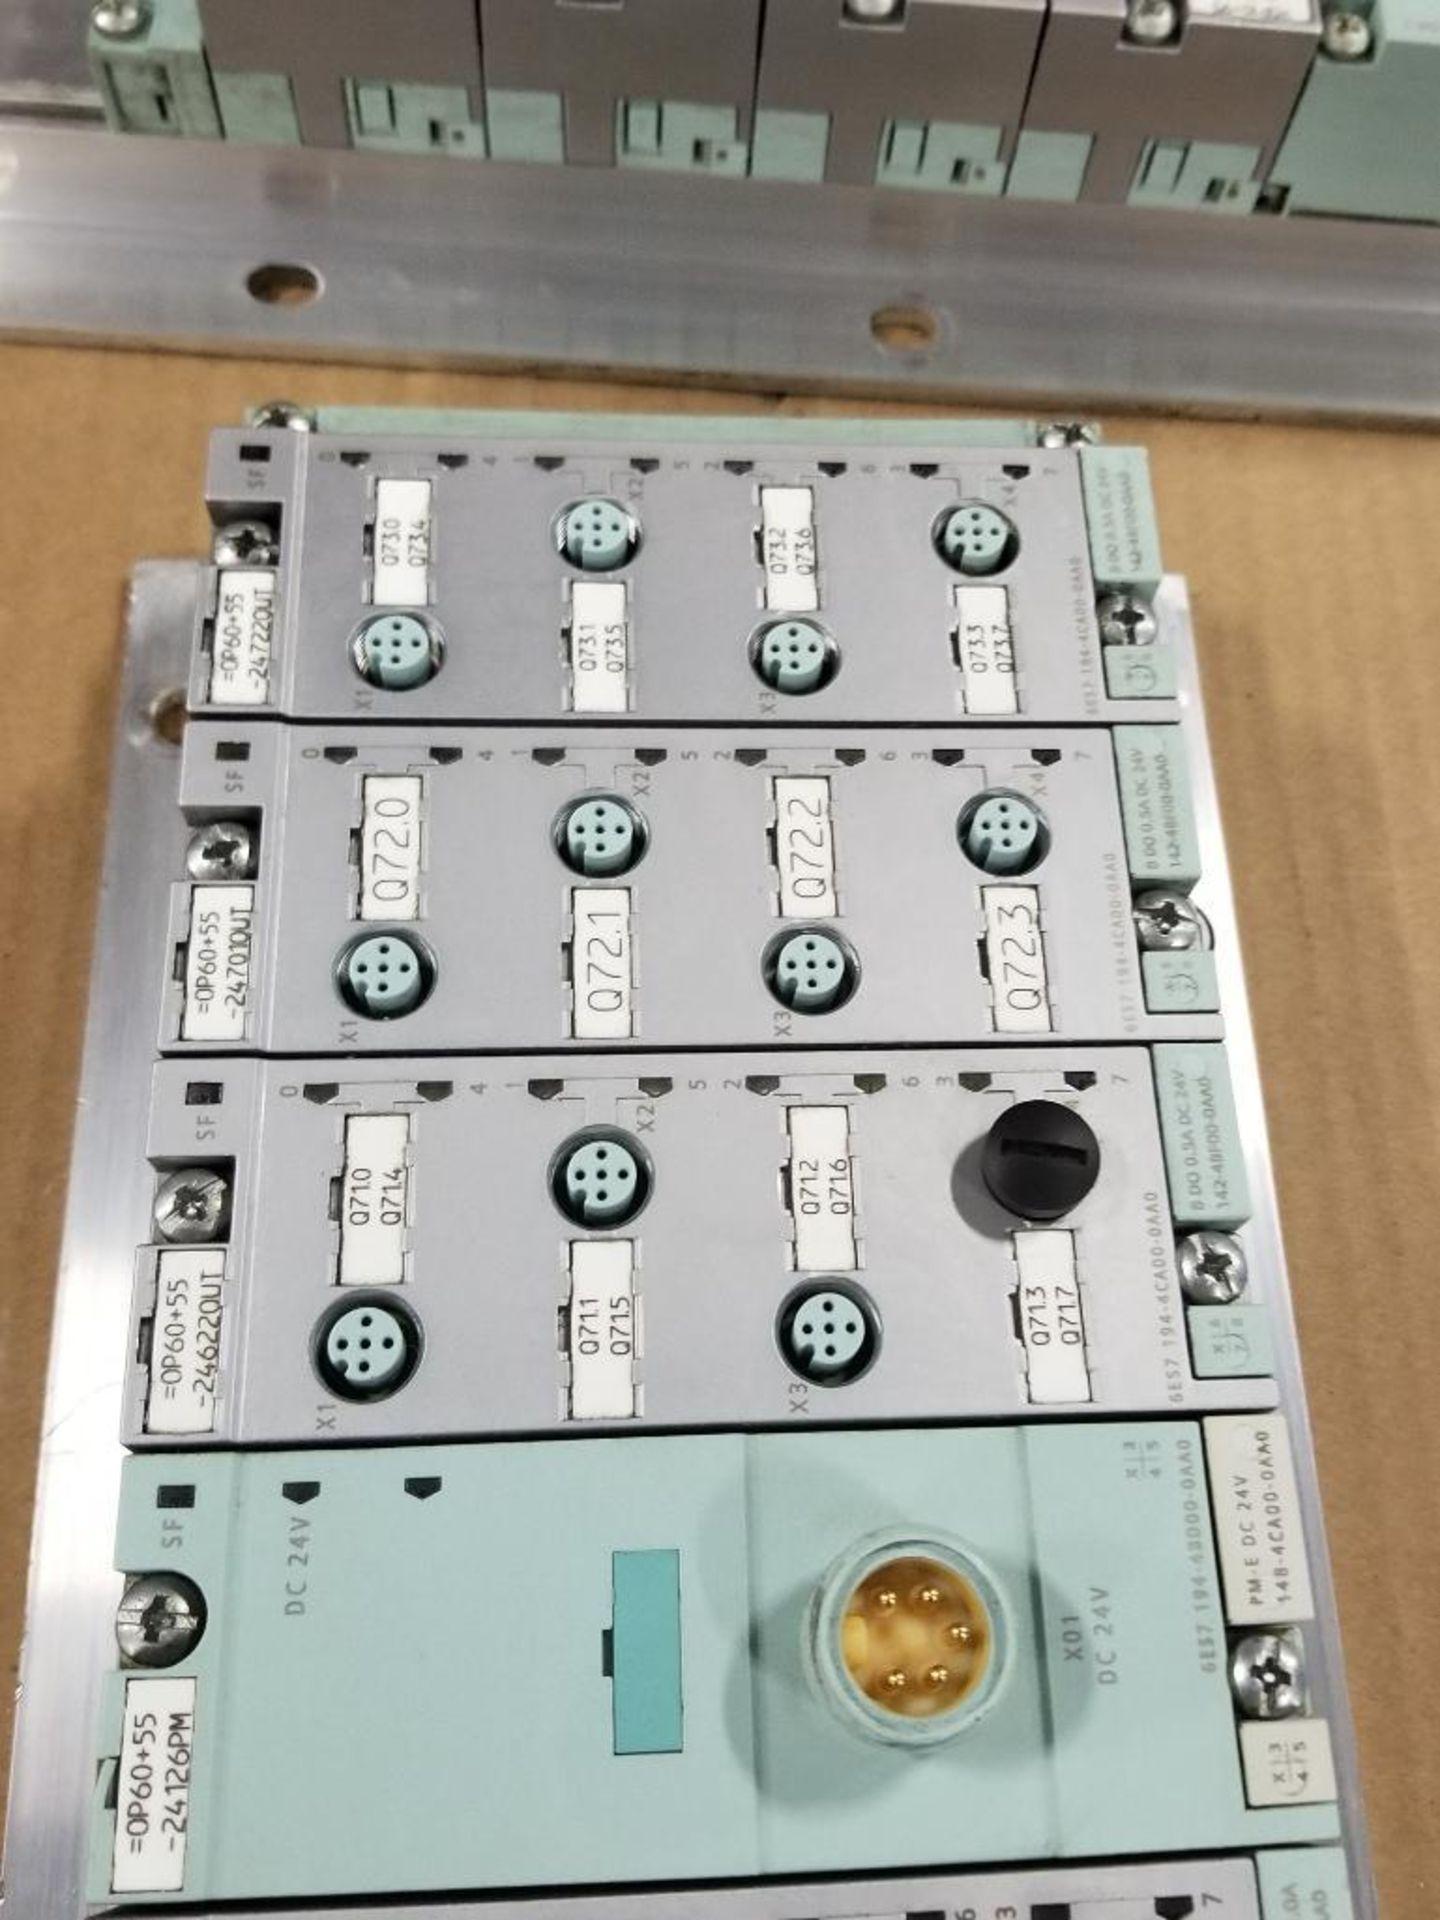 Siemens ET200-pro flow control line. 6ES7-154-1AA01-0AB0. - Image 3 of 4